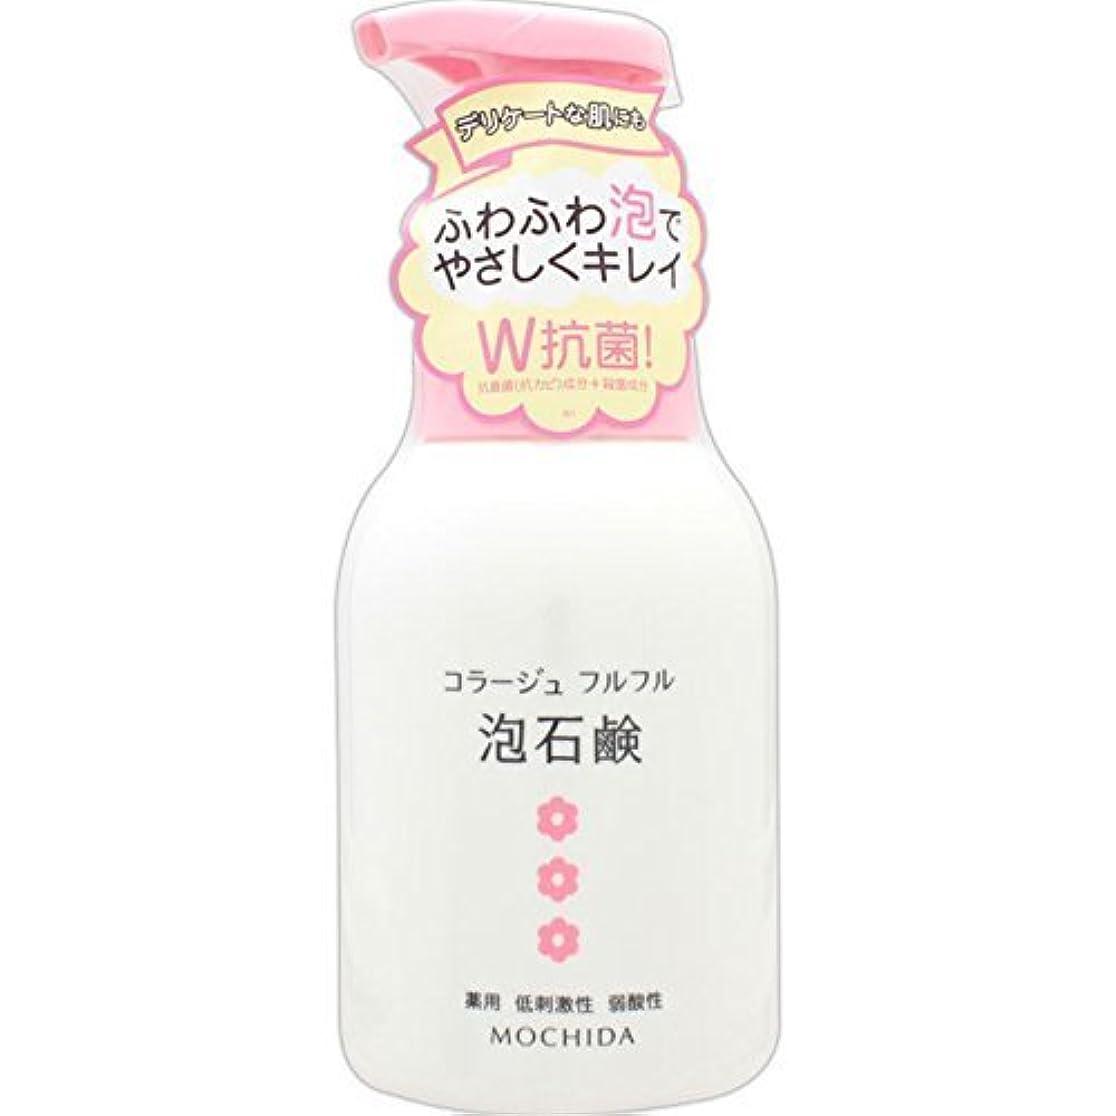 操作可能限界ミシンコラージュフルフル 泡石鹸 ピンク 300m L (医薬部外品) ×7